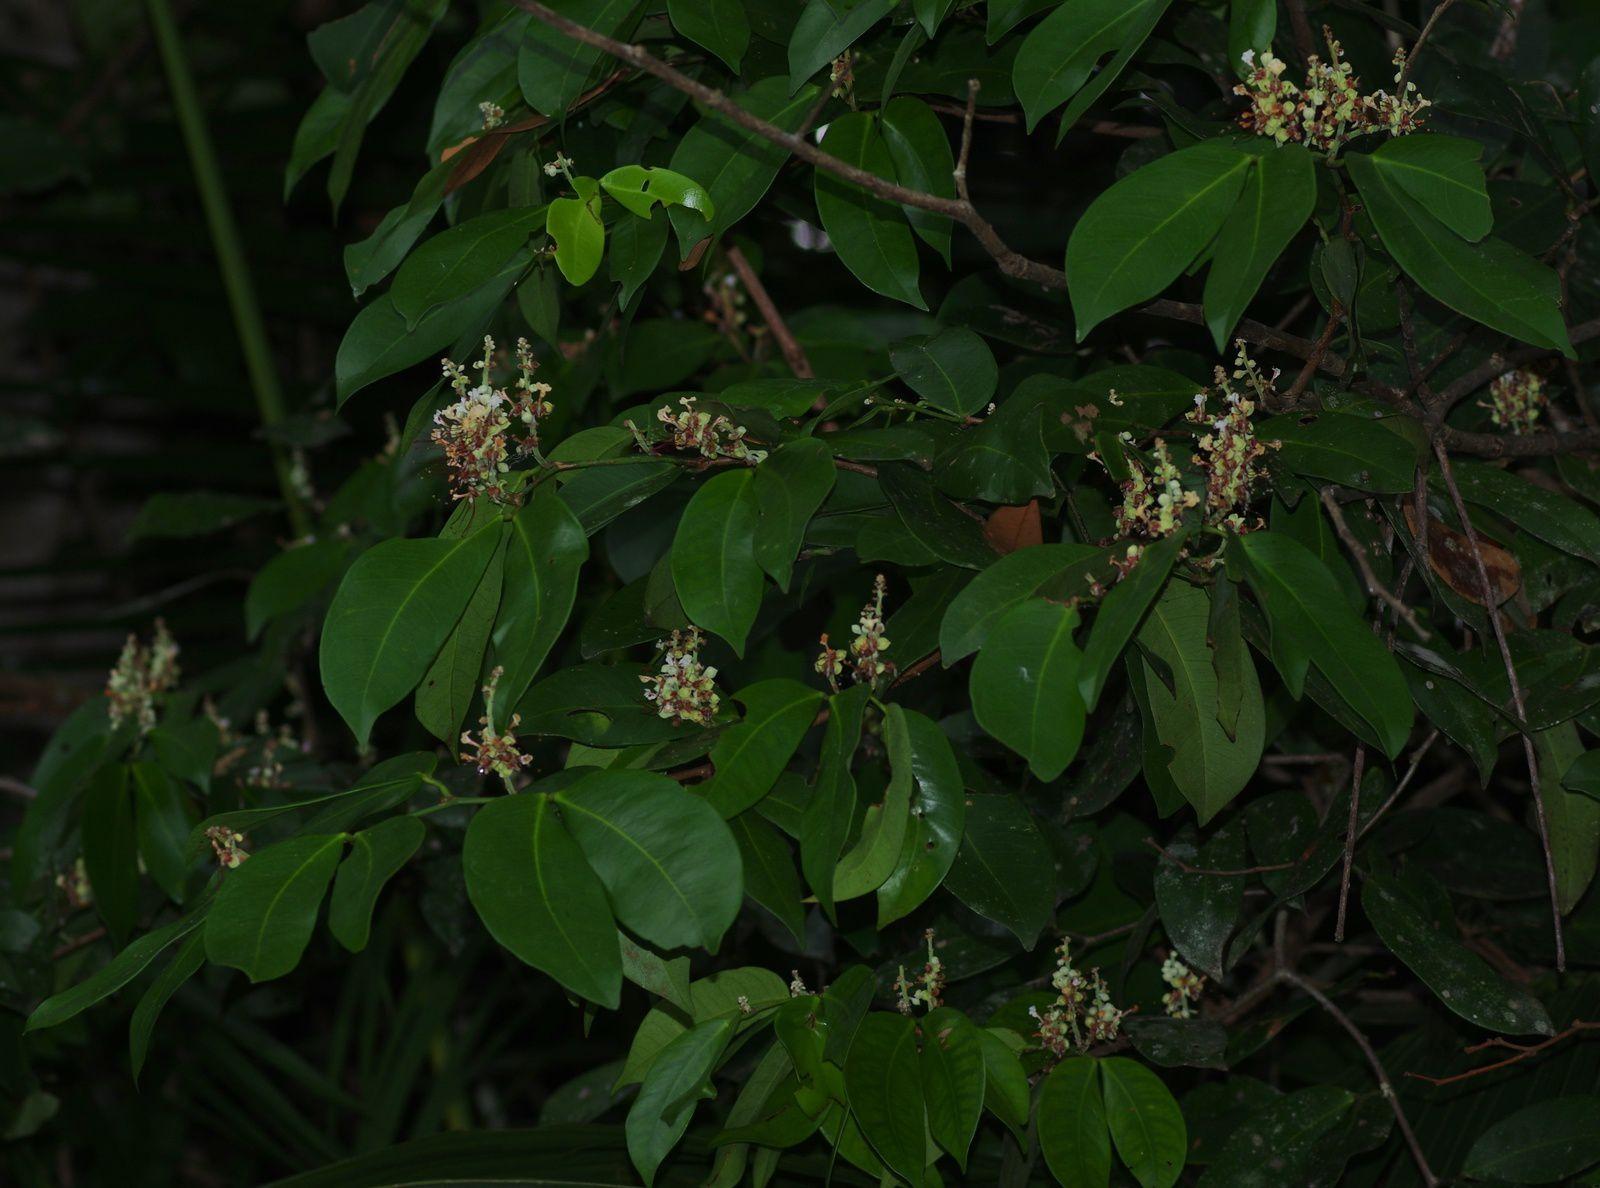 Macrolobium bifolium